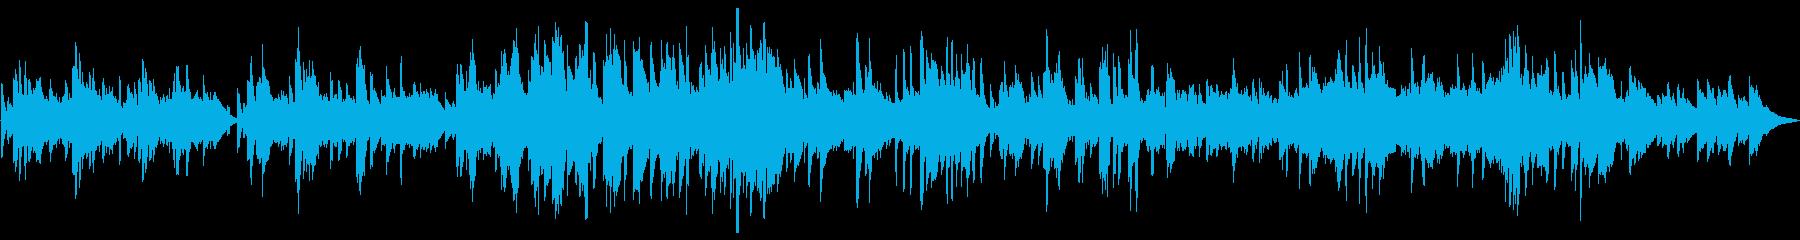 低い秋の空(ピアノソロ)の再生済みの波形